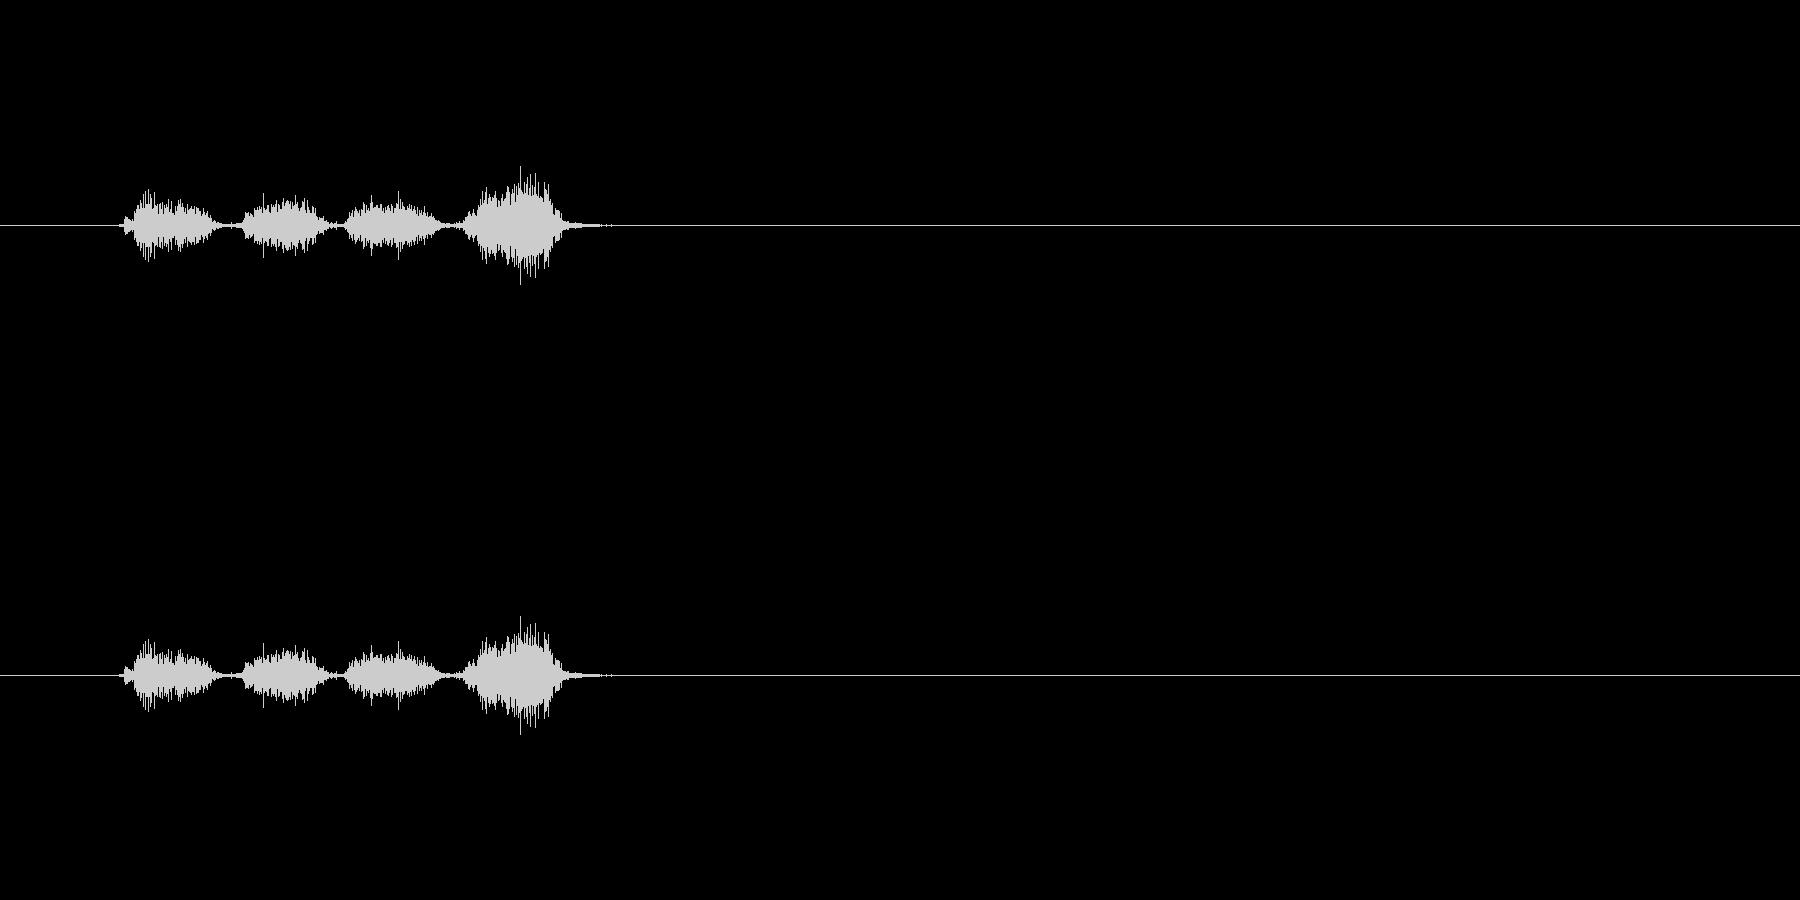 【消しゴム01-4(こする)】の未再生の波形